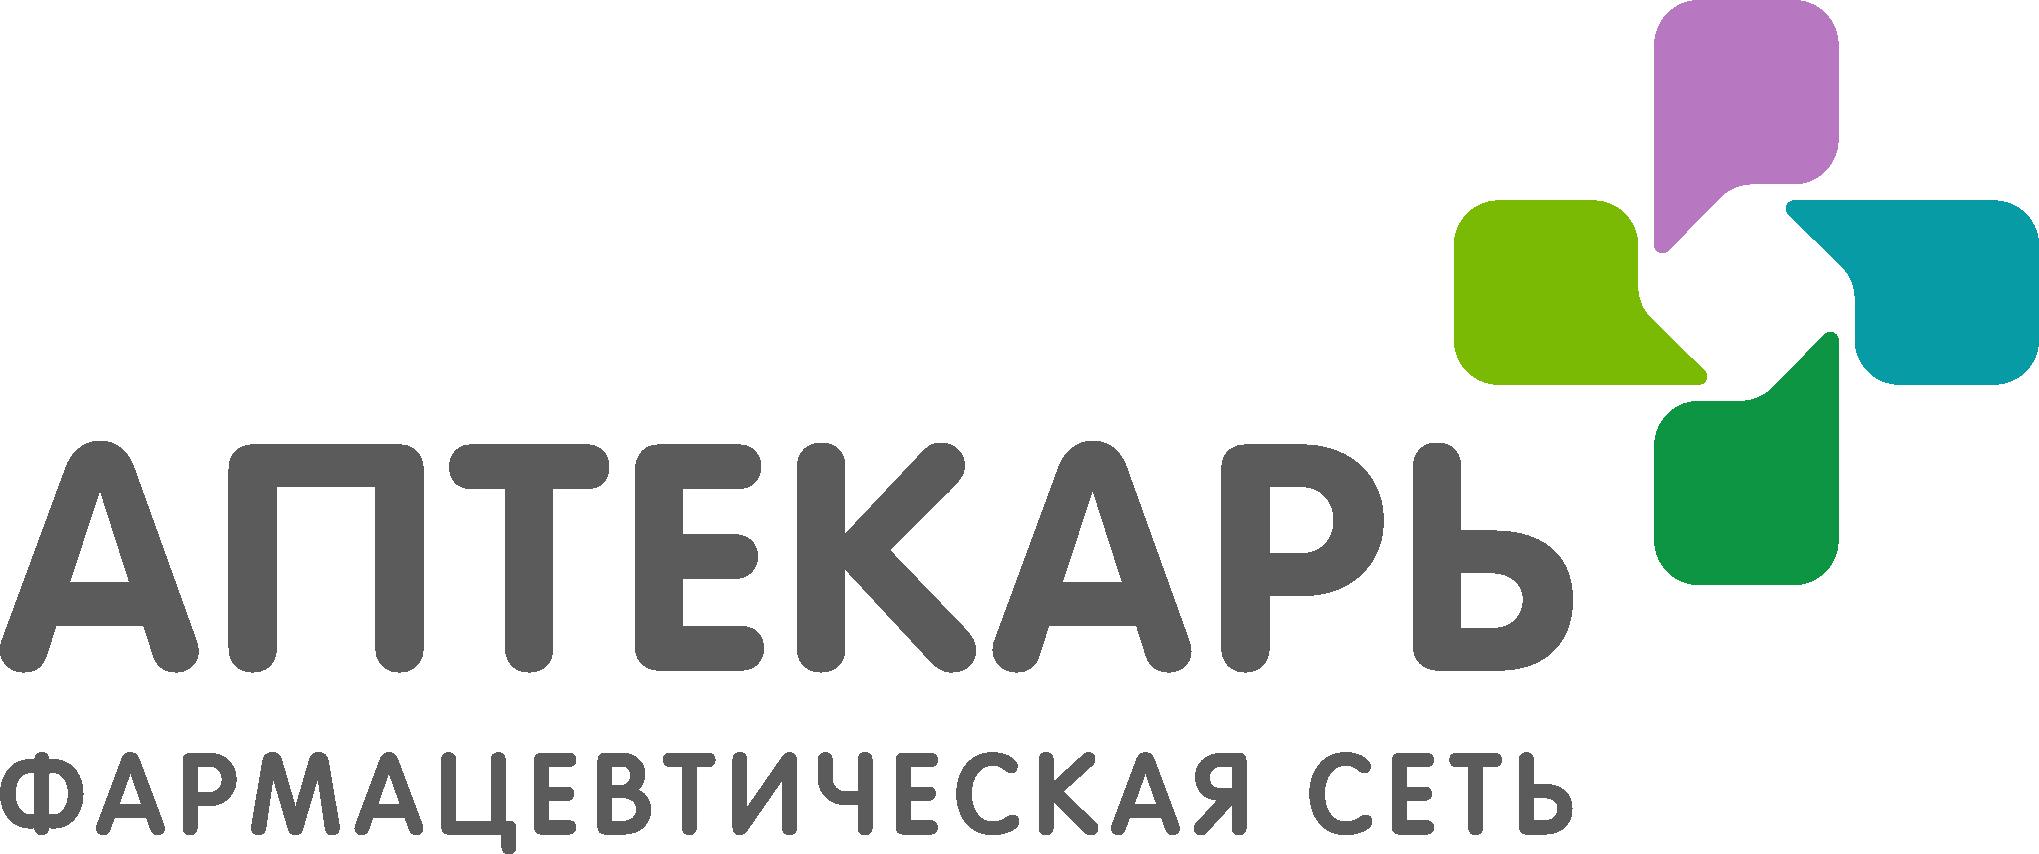 АптекарЪ-Центр